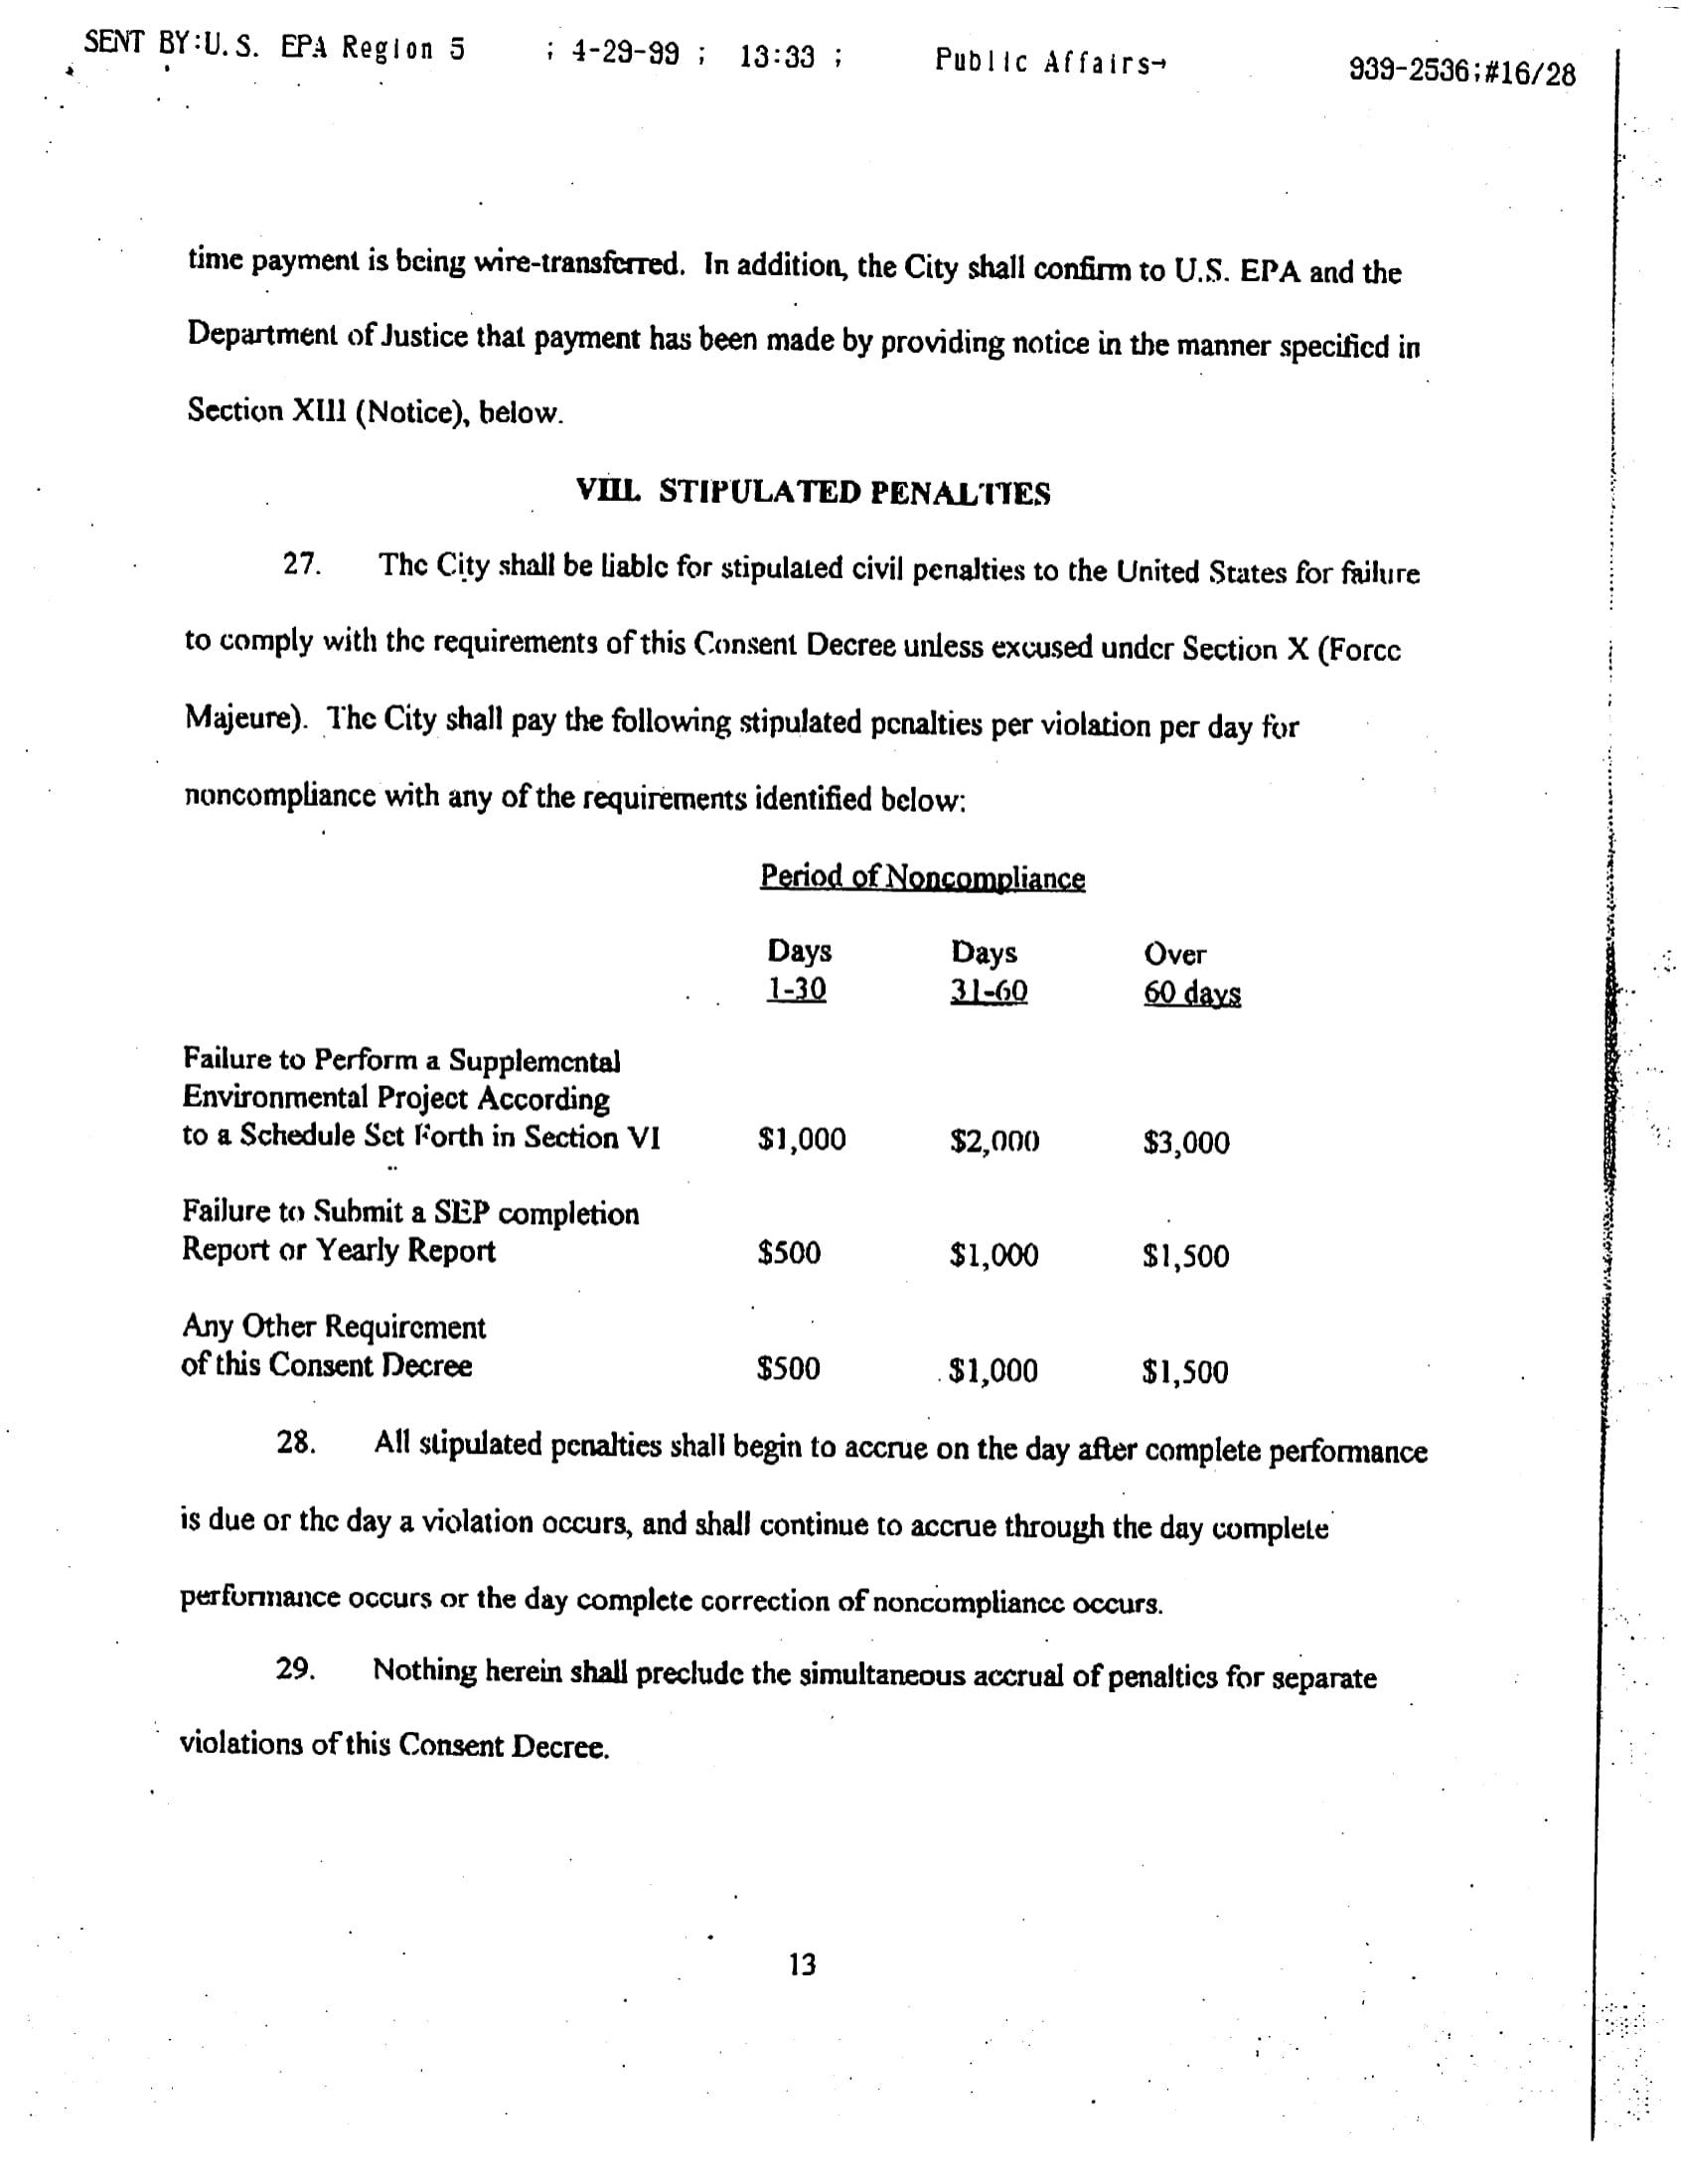 EPA Chicago Settlement-15.jpg